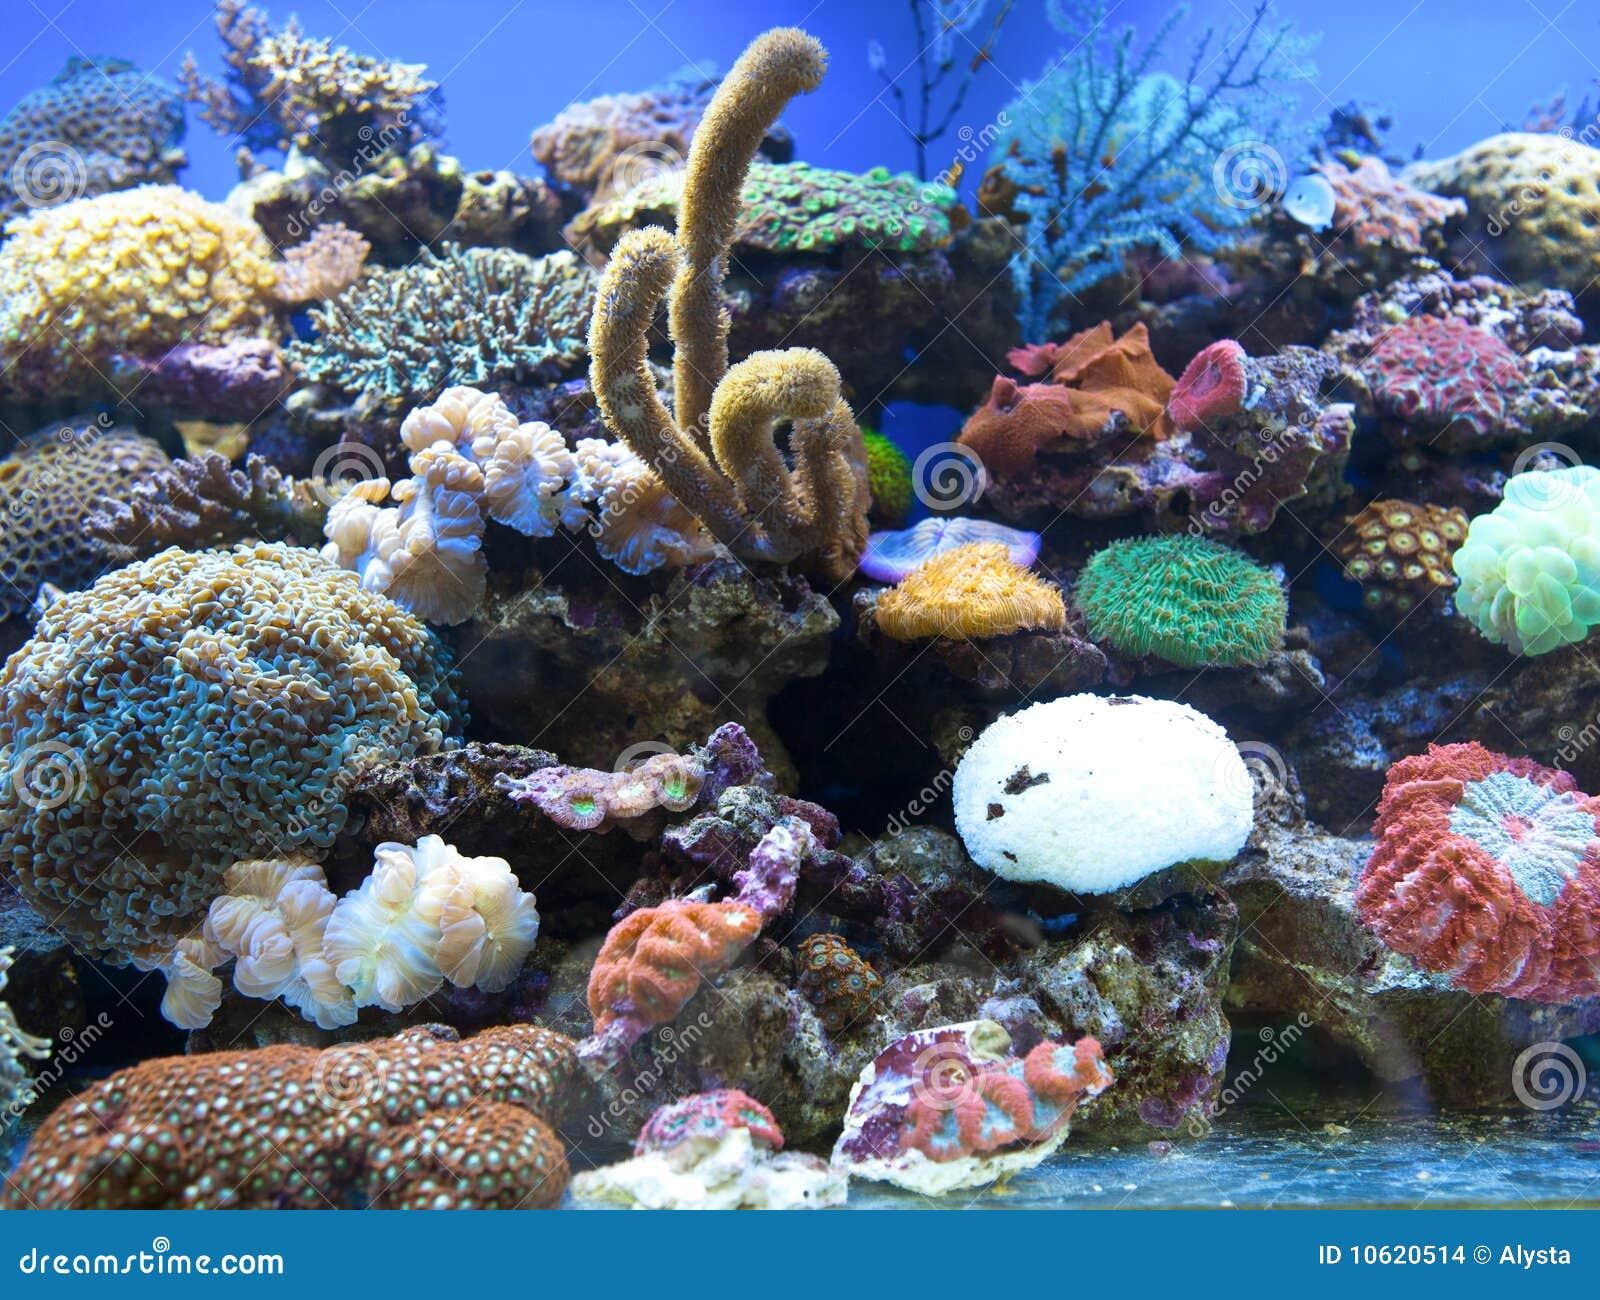 Koralle ist salzwasser aquarium stockbilder bild 10620514 for Salzwasser aquarium